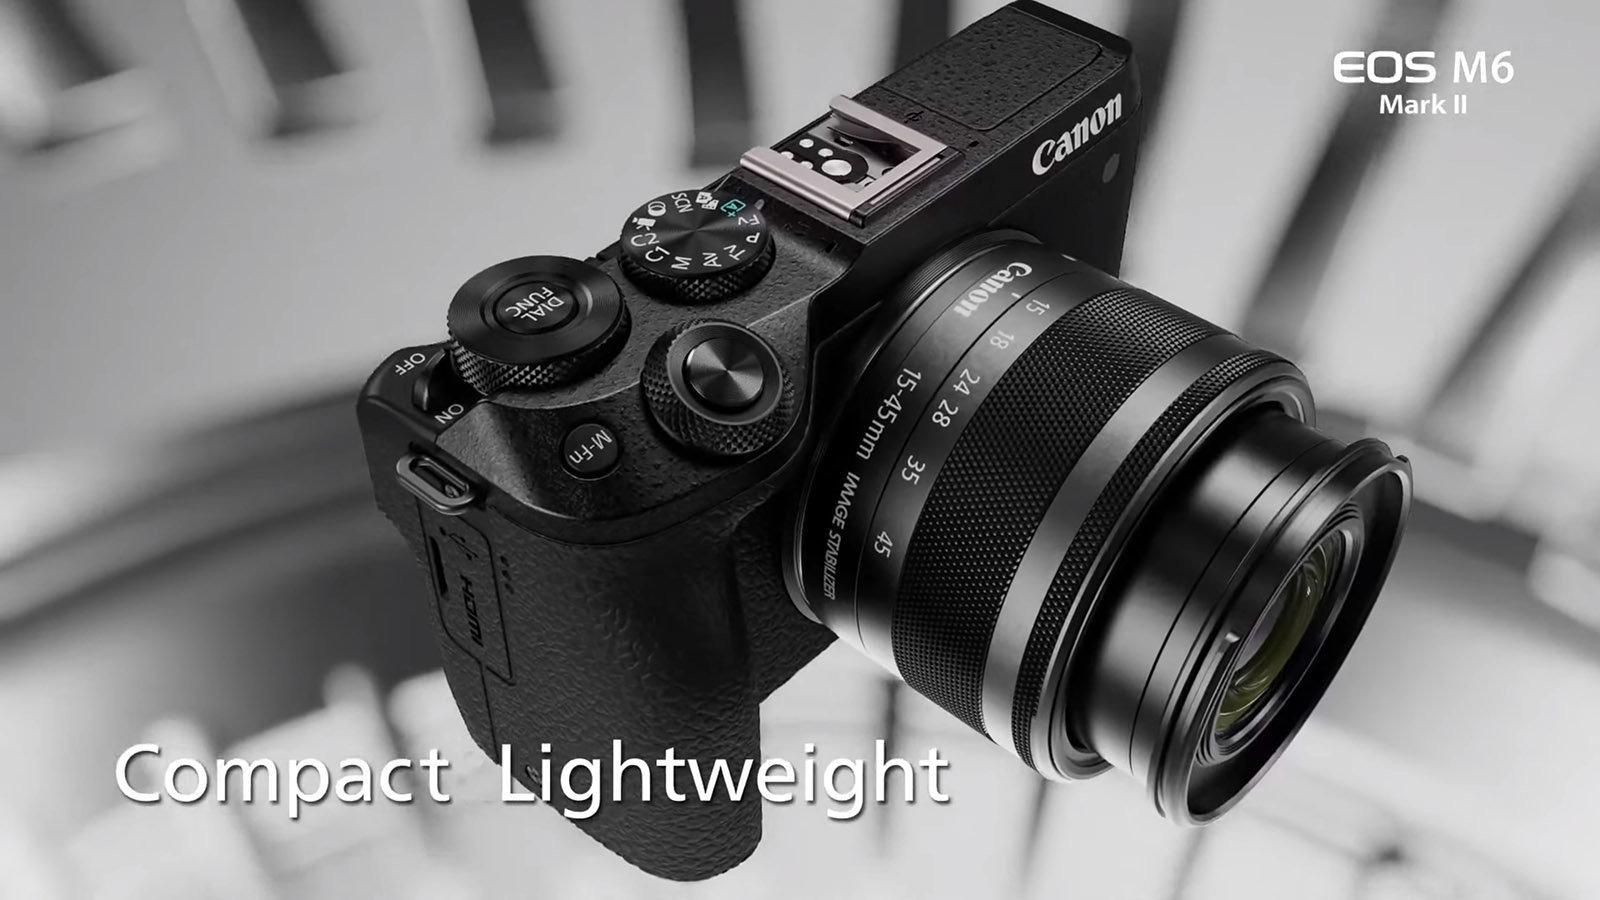 Rò rỉ bộ đôi máy ảnh DSLR EOS 90D và mirrorless EOS M6 Mark II sắp ra mắt của Canon - ảnh 2